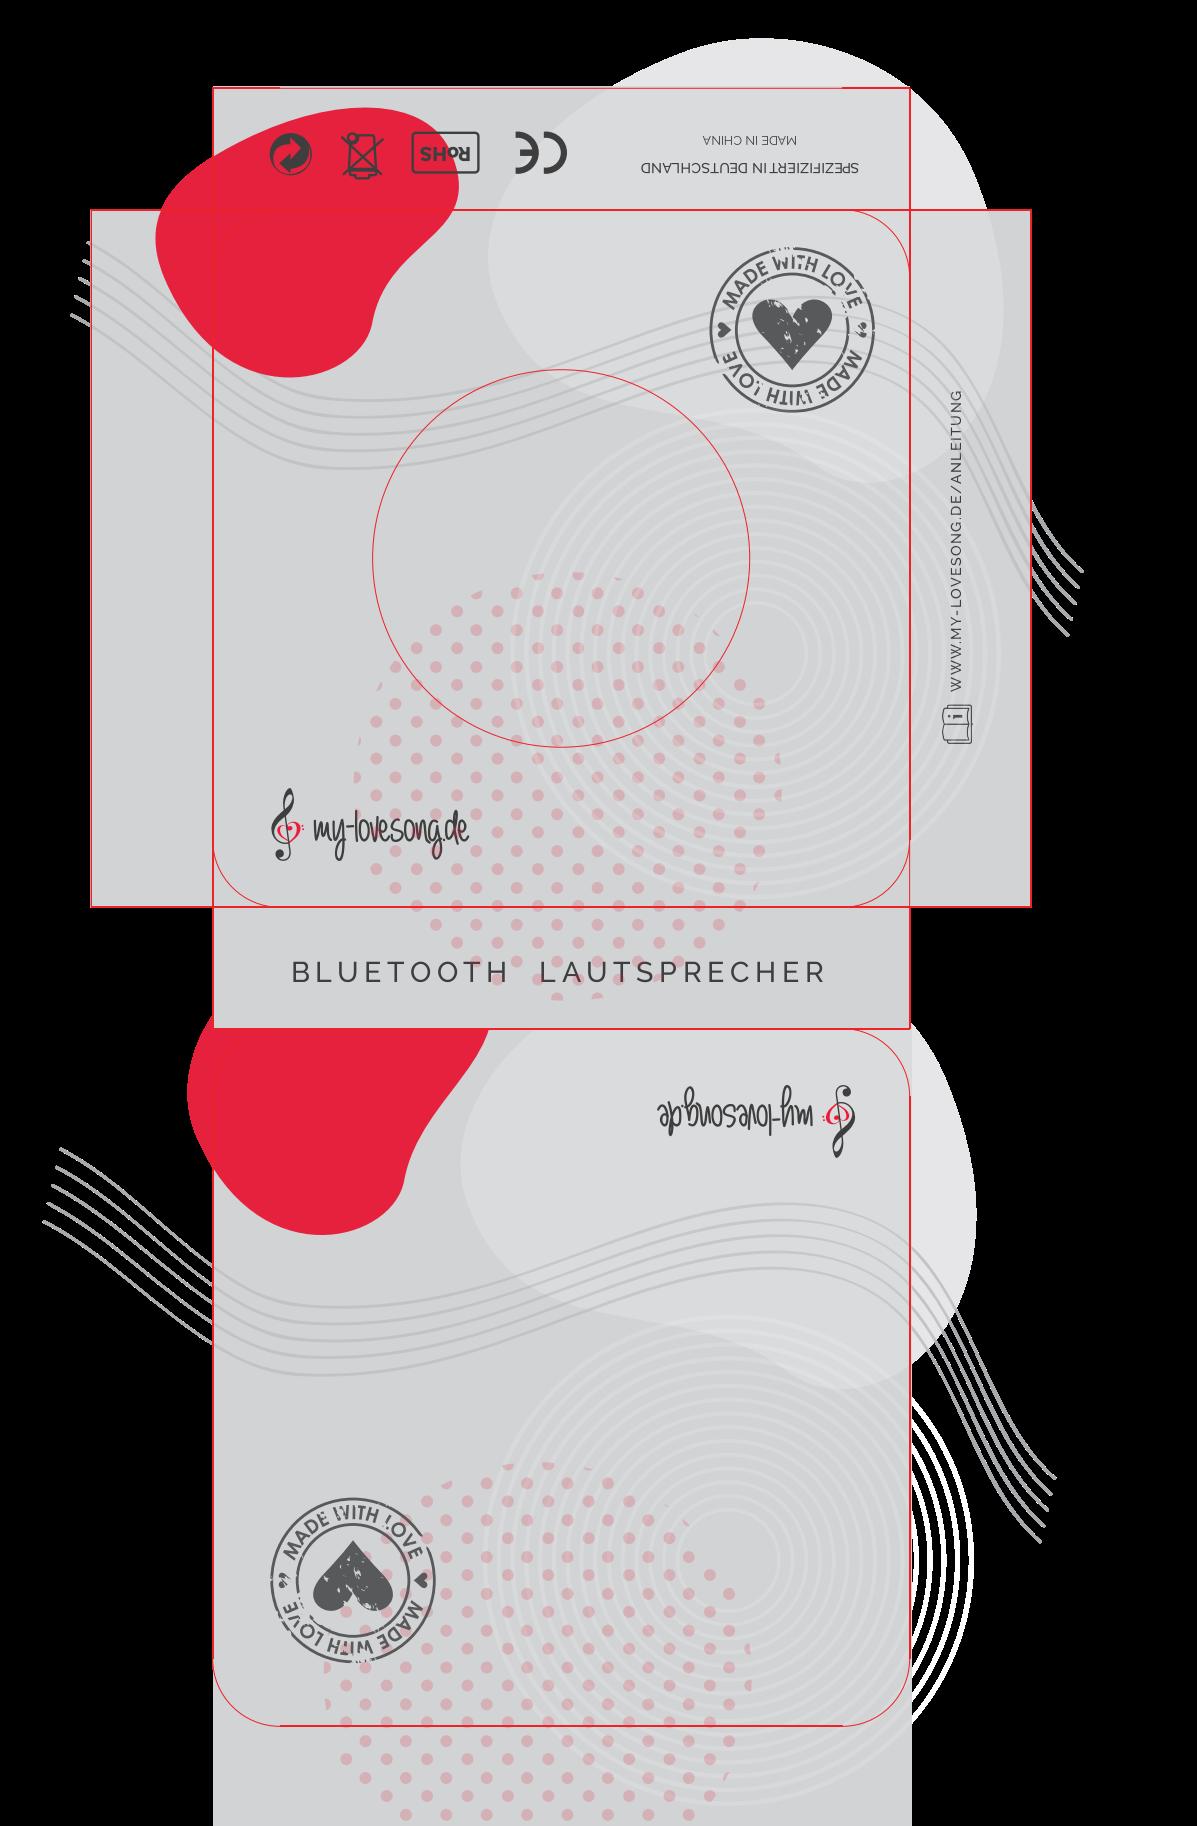 Bluetooth speaker packaging